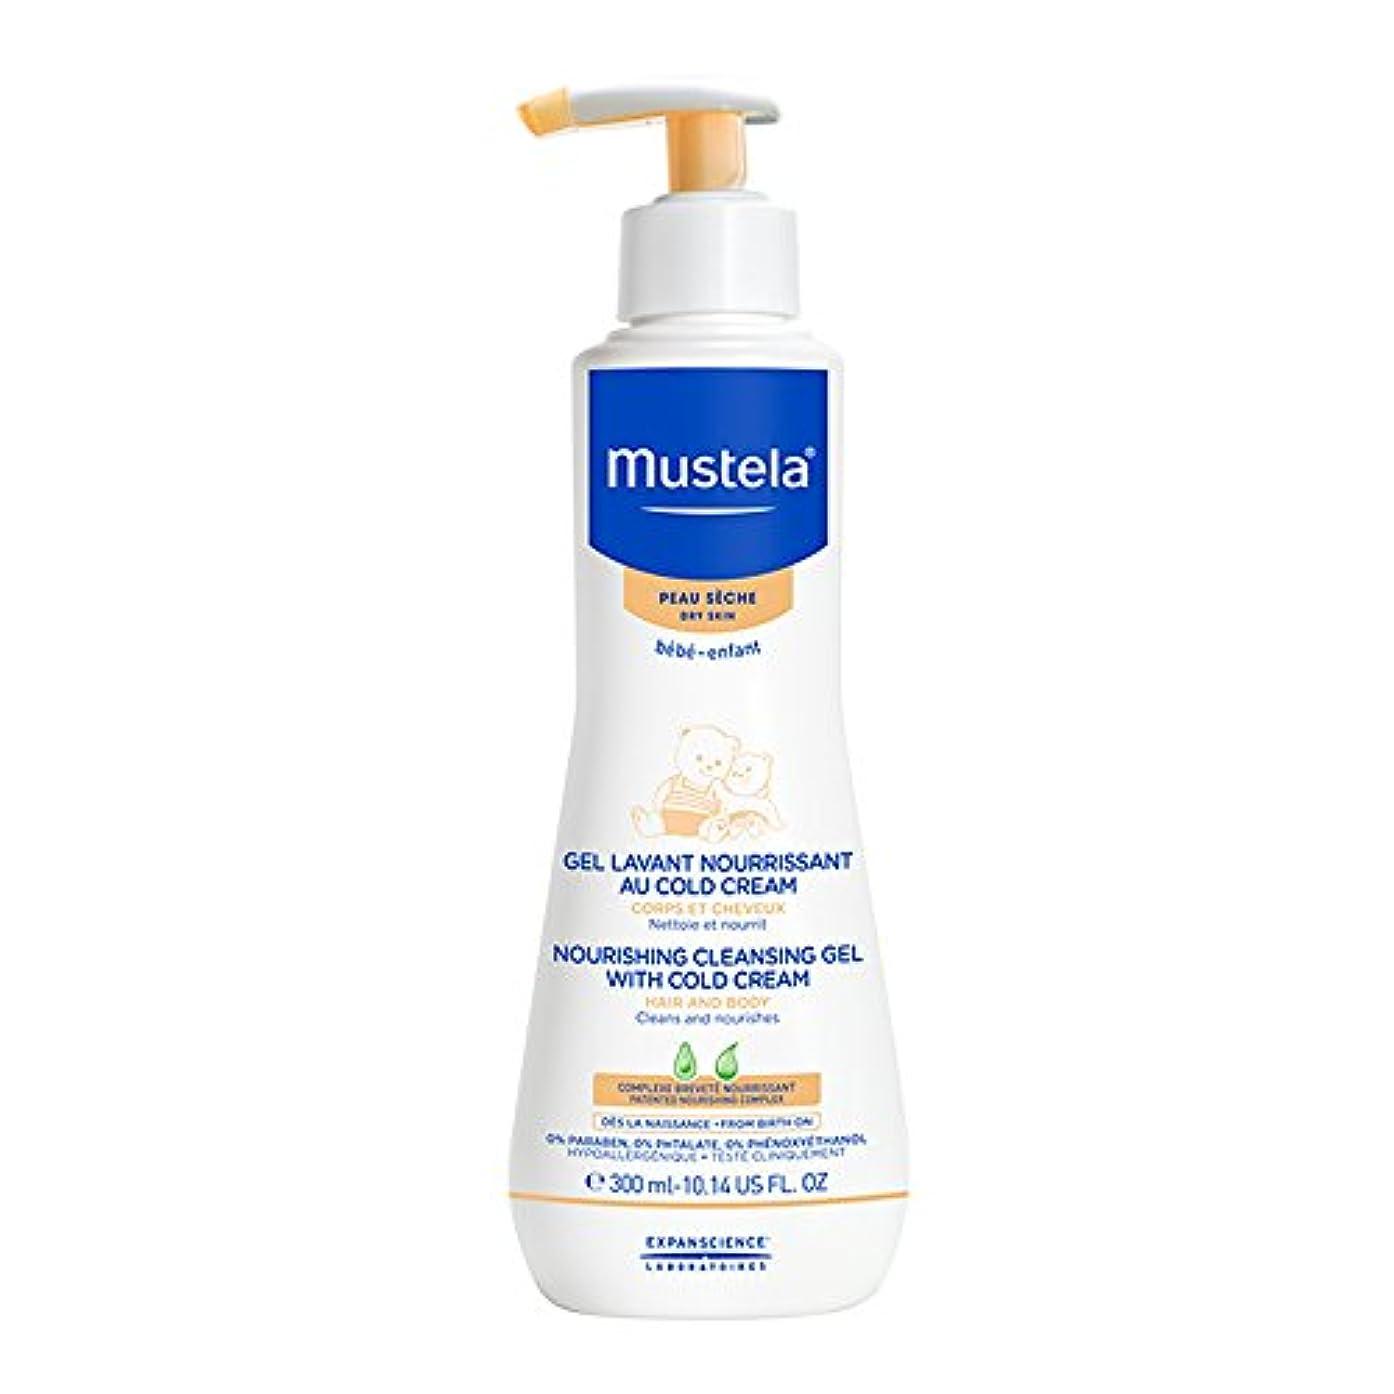 肖像画祝福する豊富ムステラ Nourishing Cleansing Gel with Cold Cream For Hair & Body - For Dry Skin 300ml/10.14oz並行輸入品